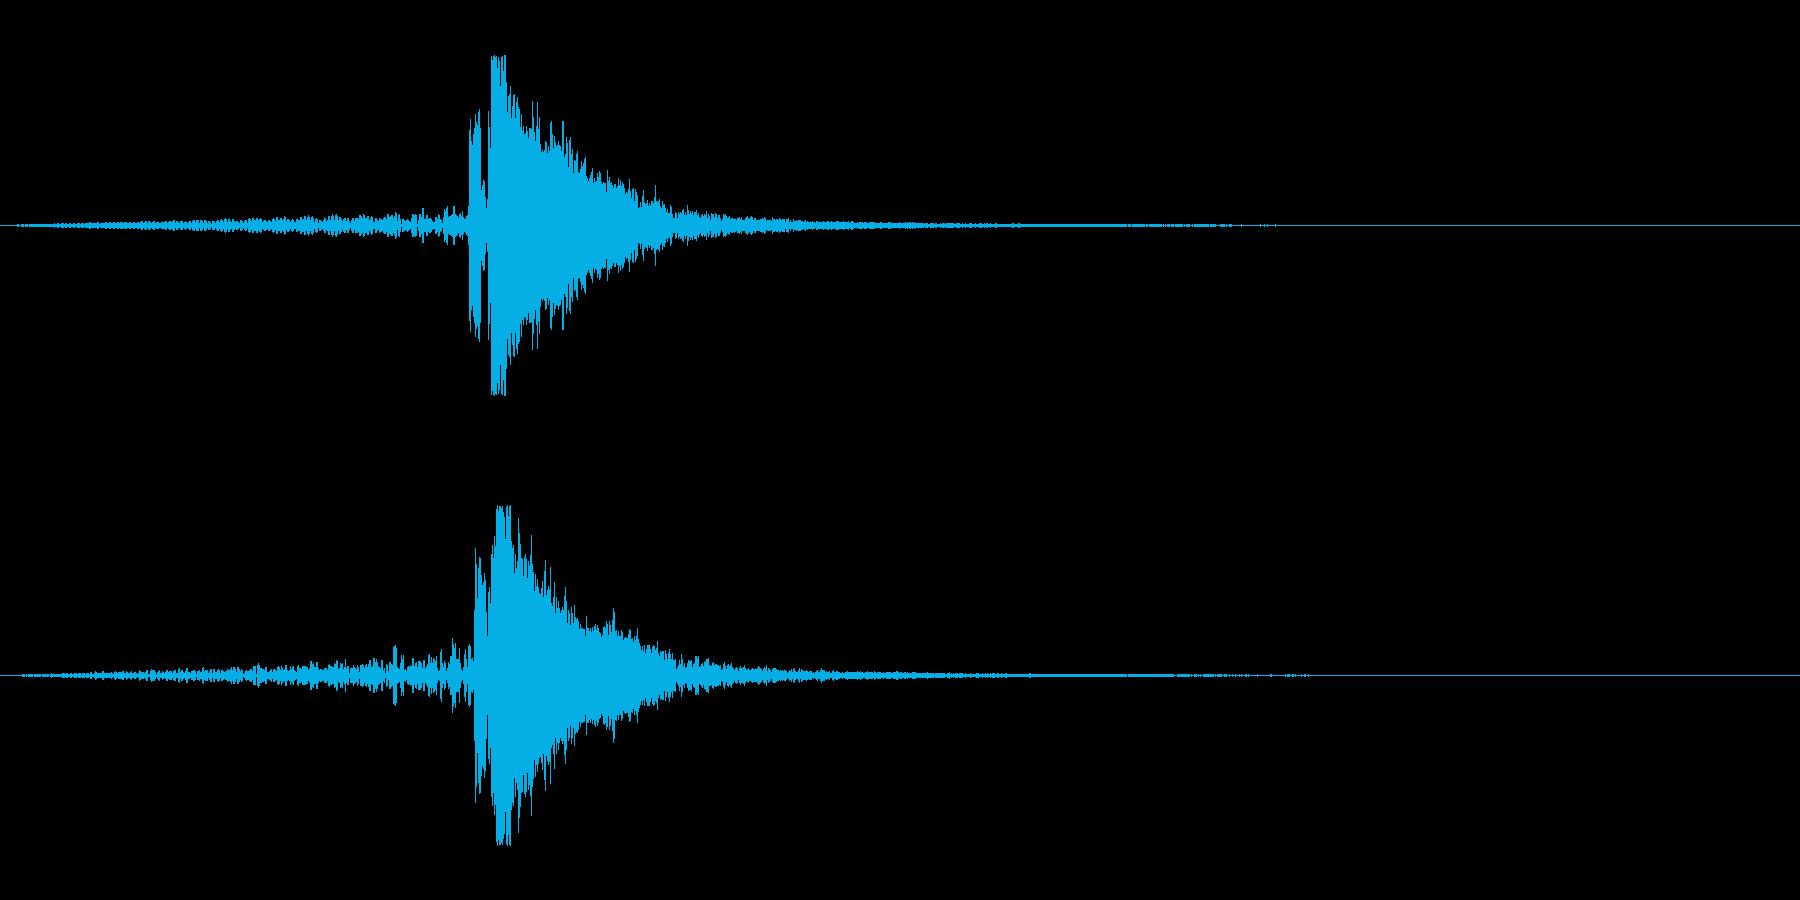 ホラー系アタック音127の再生済みの波形